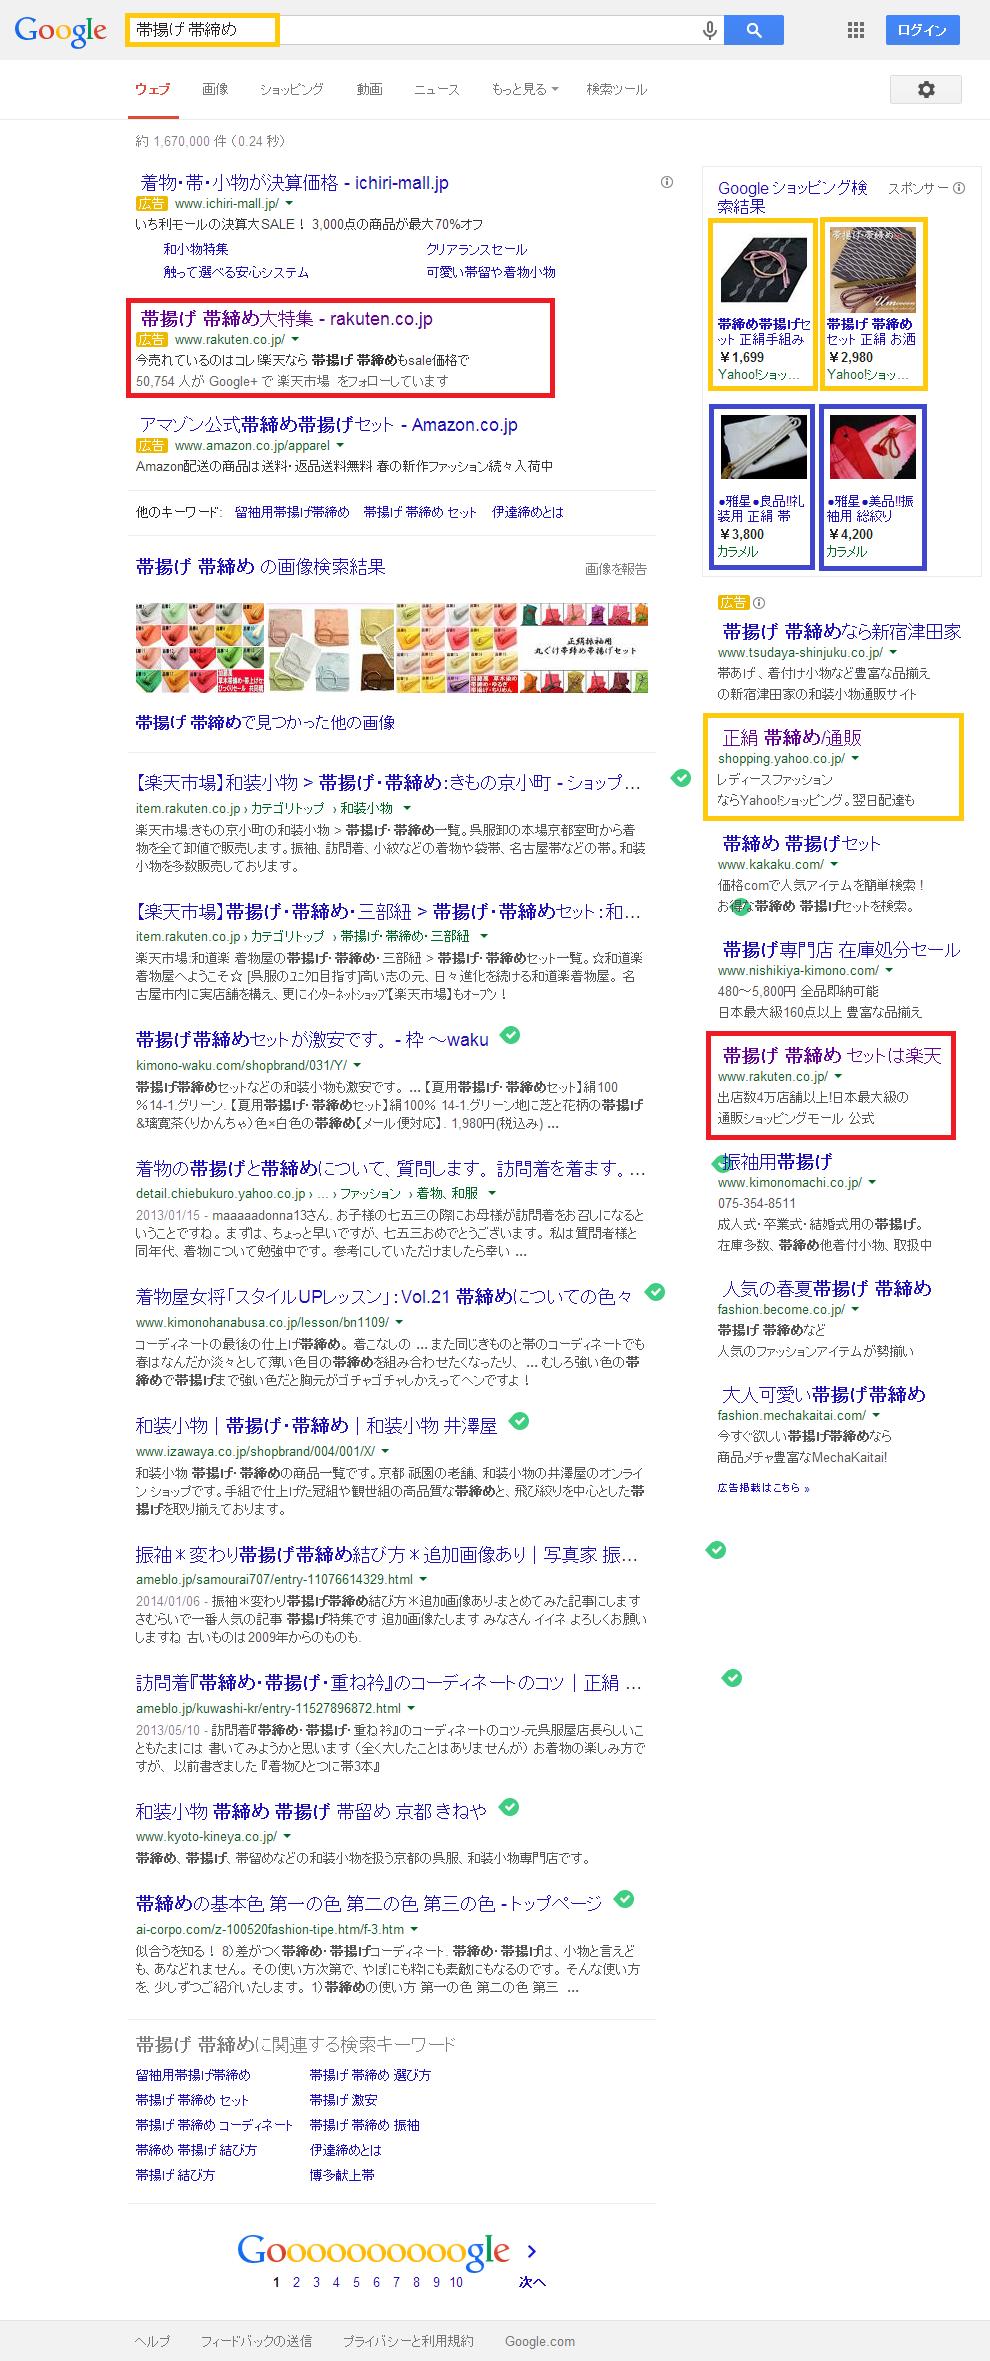 帯揚げ 帯締め   Google 検索_1.png